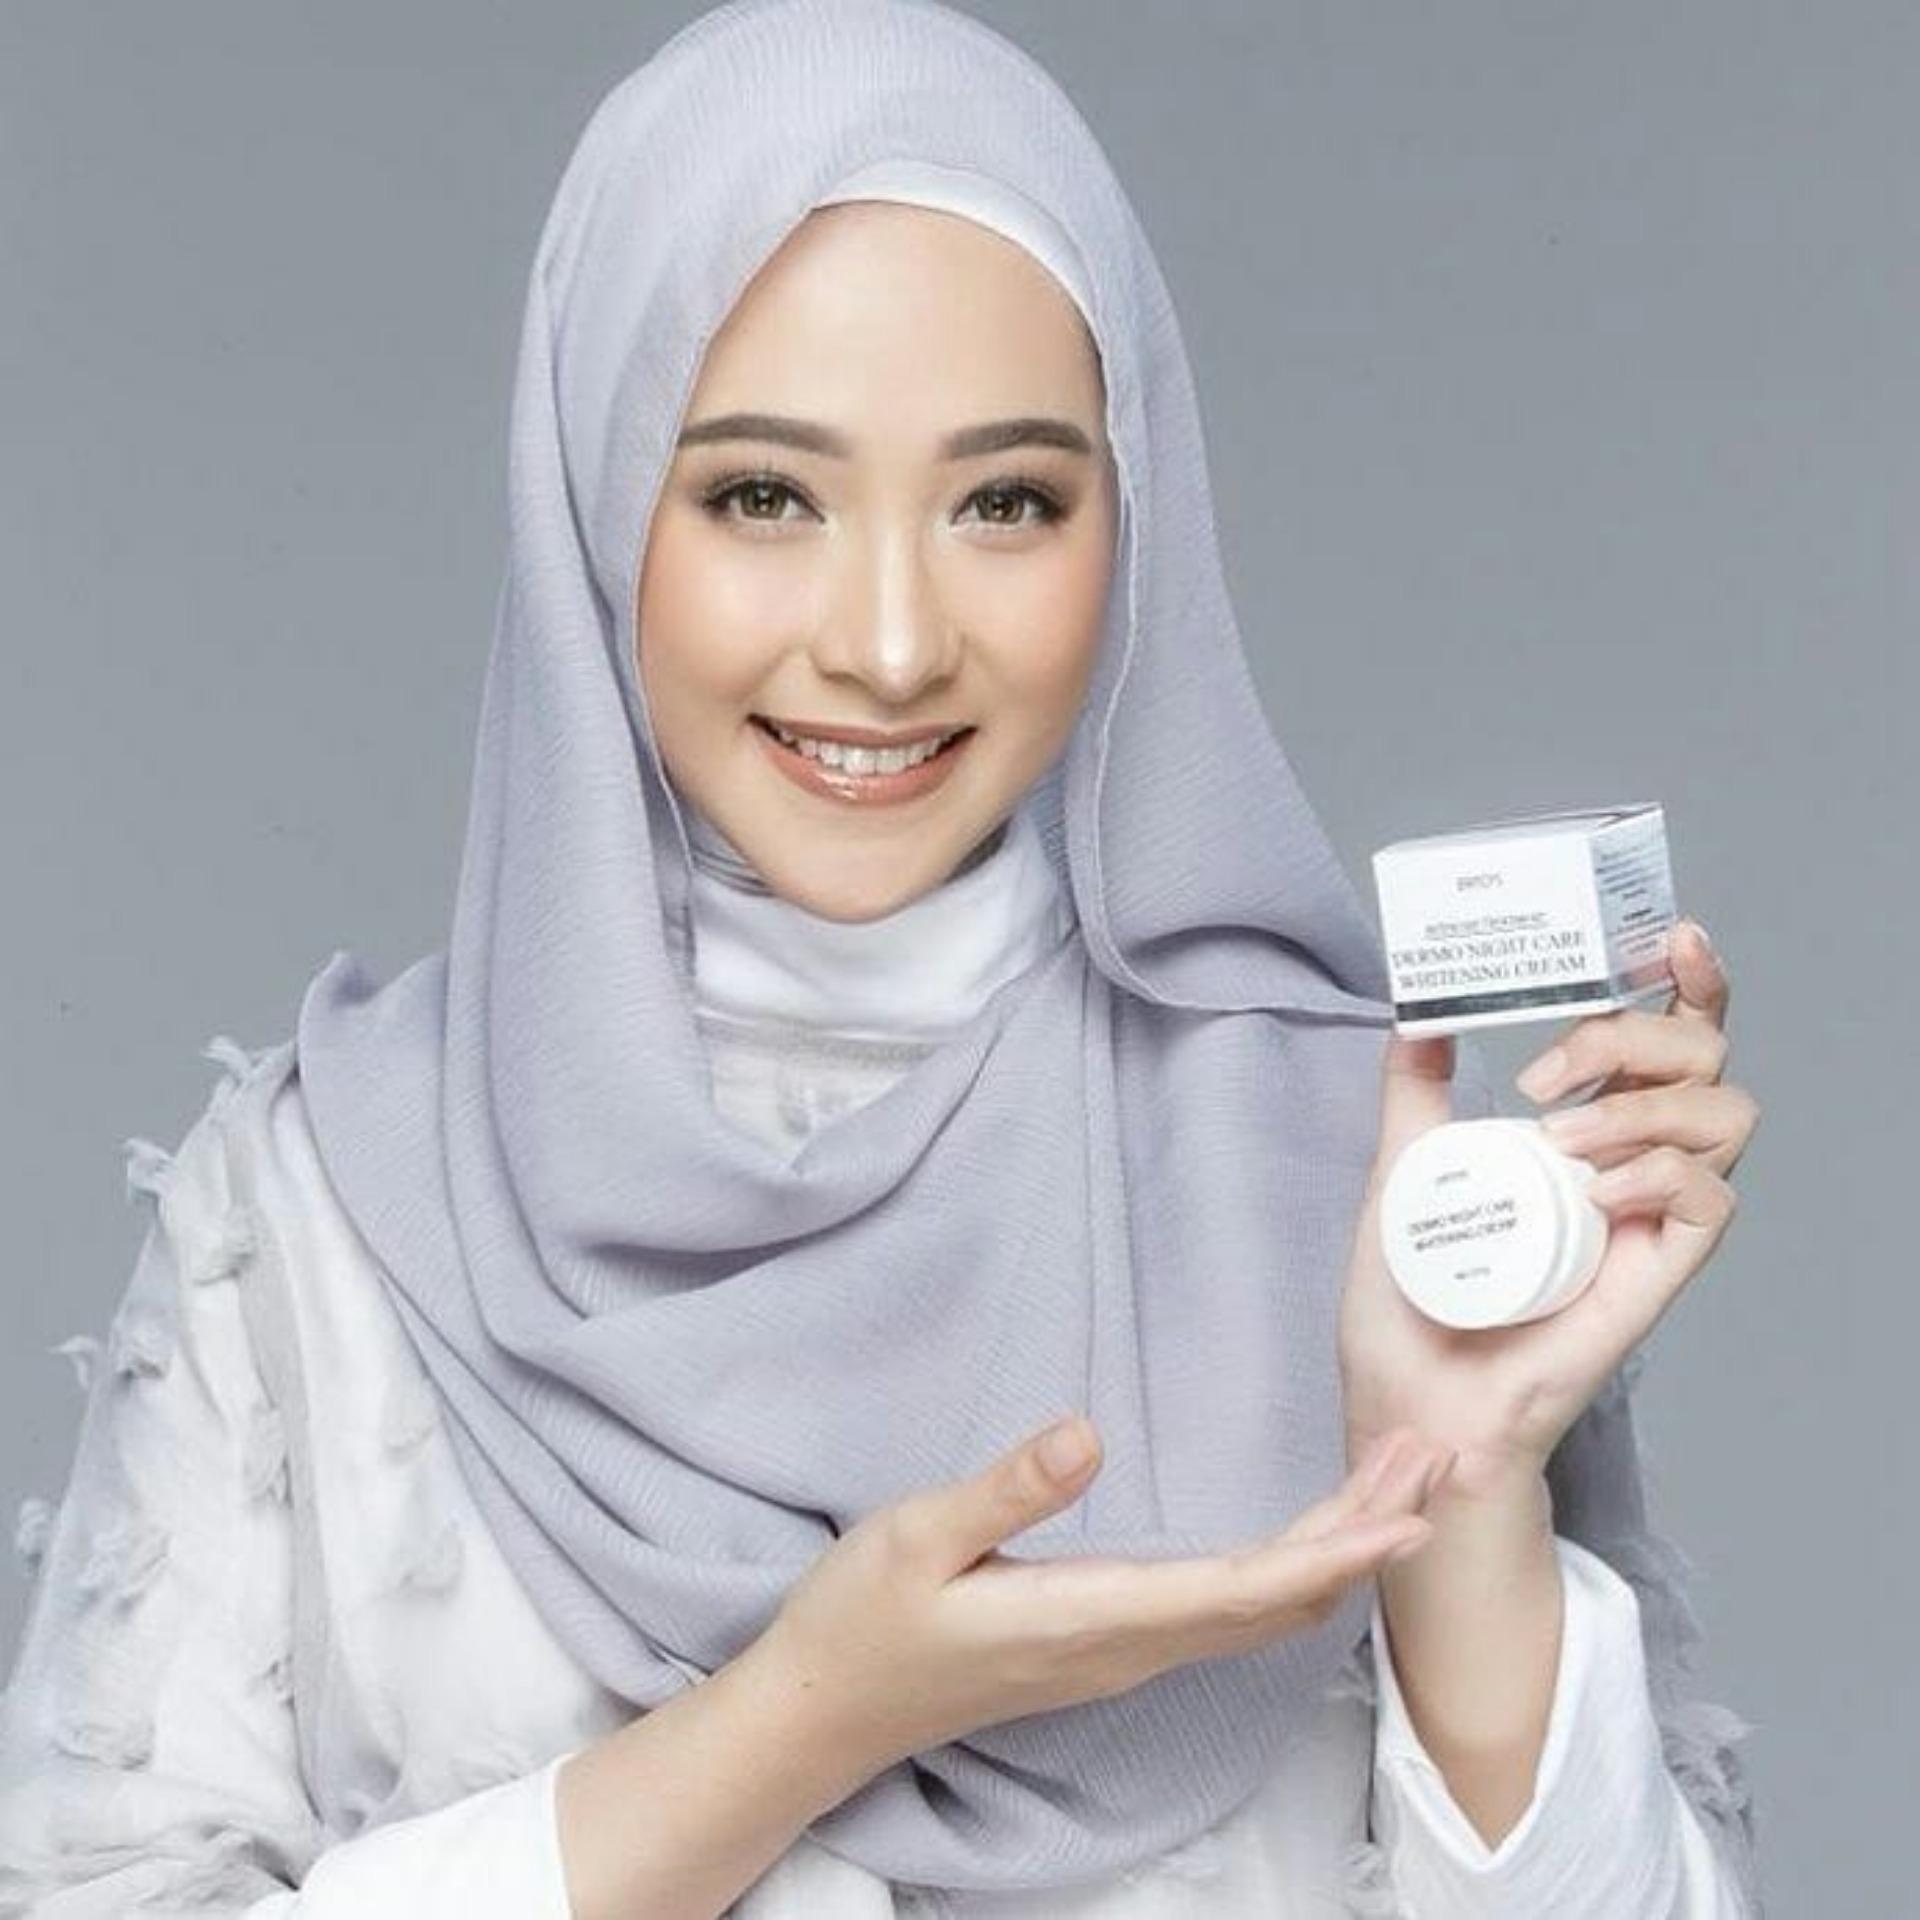 Fitur Ertos Whitening Treatment Paket Hemat Super Kinclong Night Glowing 1 Cream Serum Facial Wash